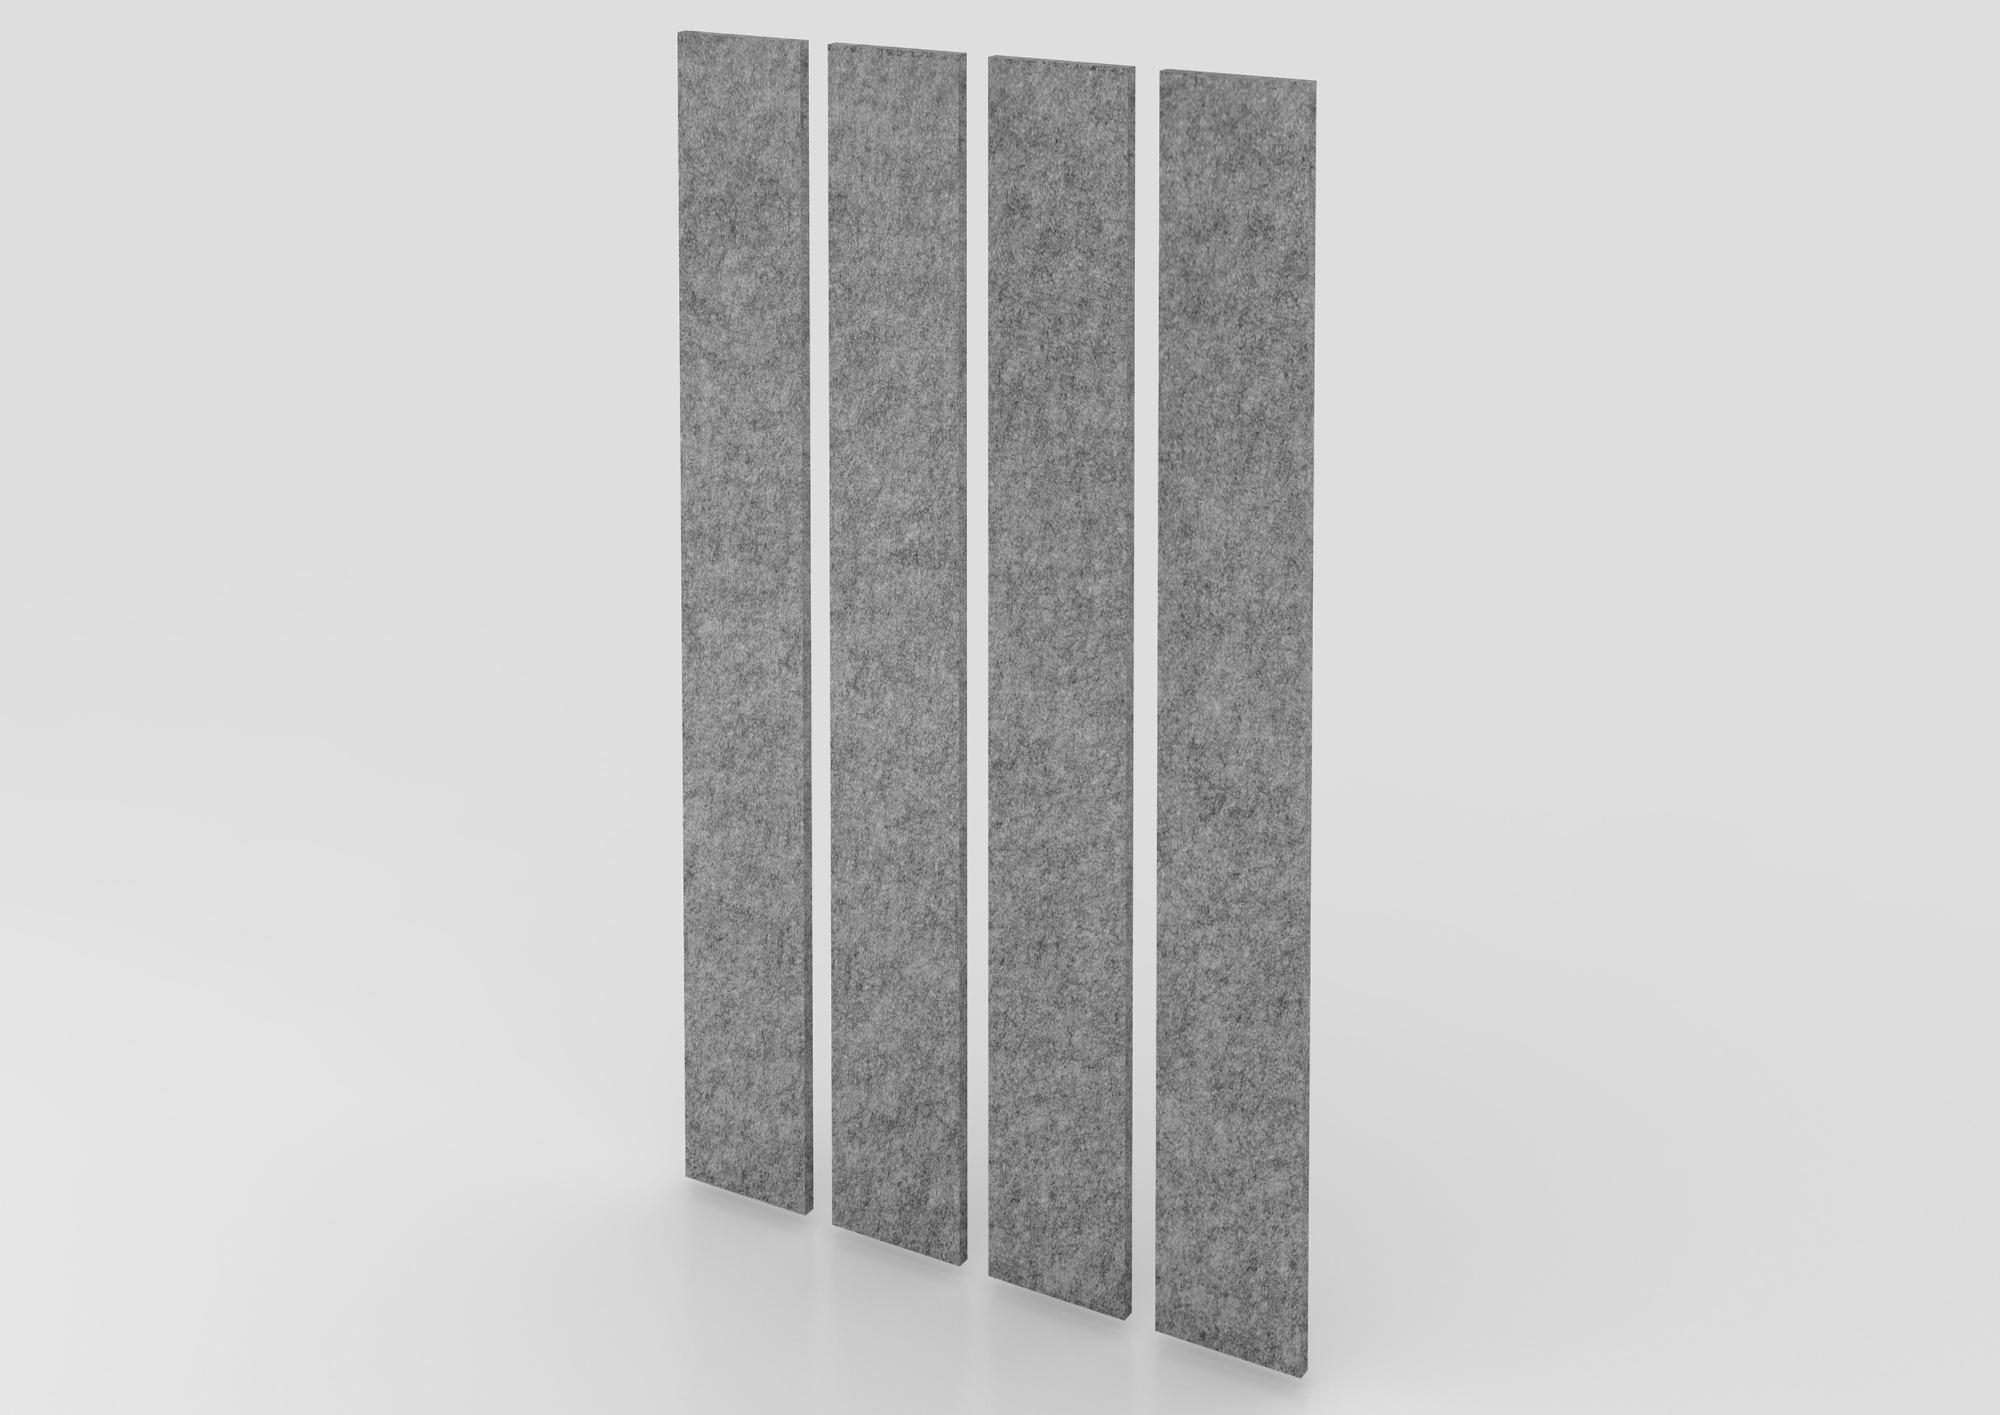 Akustik-Wandpanel 4 St. 200x25 cm, grau-mel.